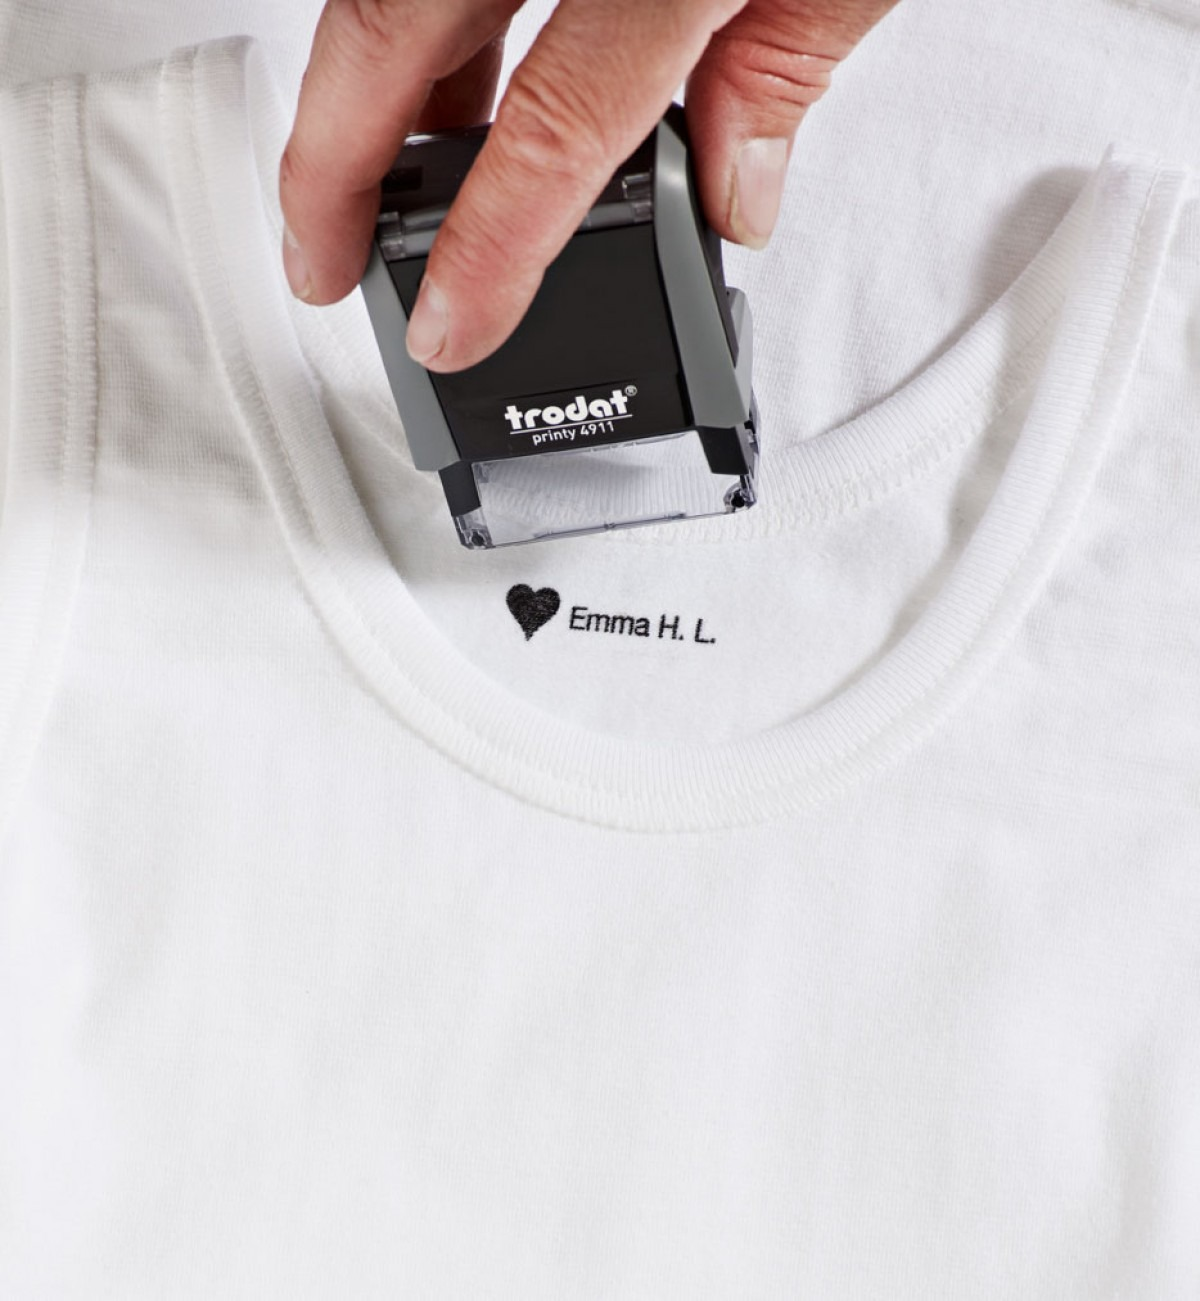 Timbri Personalizzati Per Stoffa timbri personalizzati per abiti | ikast - label yourself